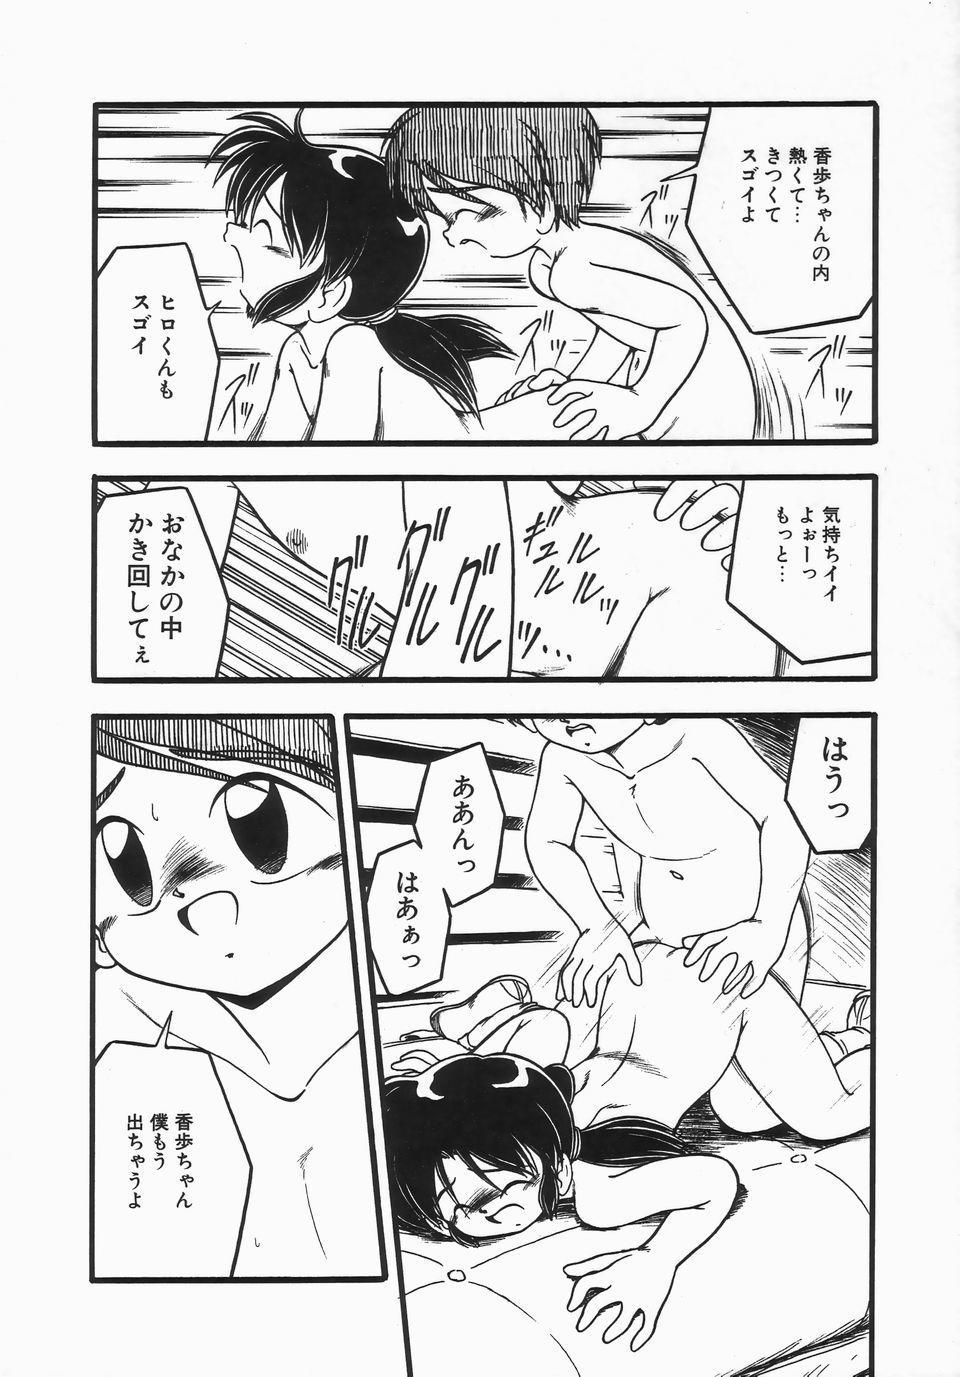 Kanchou Shoujo - Enema Girl 63